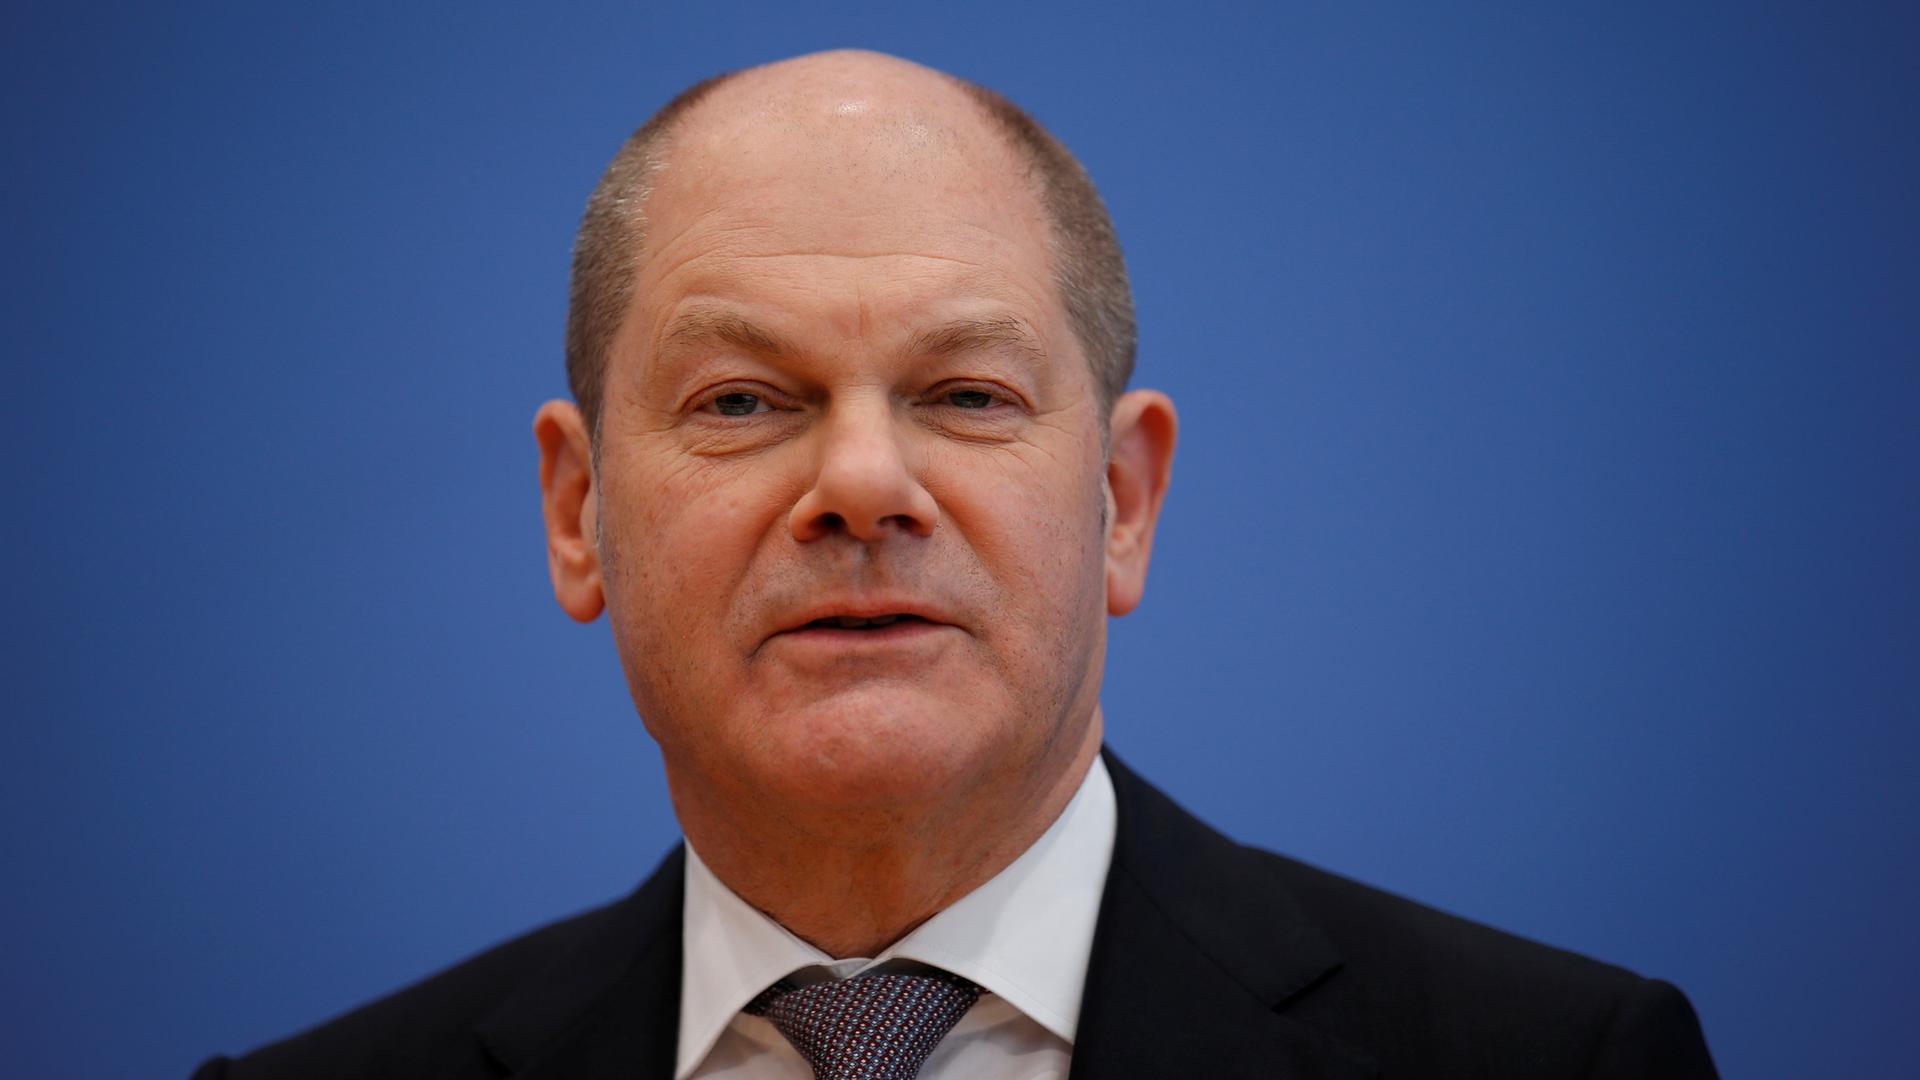 olaf scholz bei der pk zur unterzeichnung des koalitionsvertrages am 12032018 in berlin - Wolfgang Schauble Lebenslauf